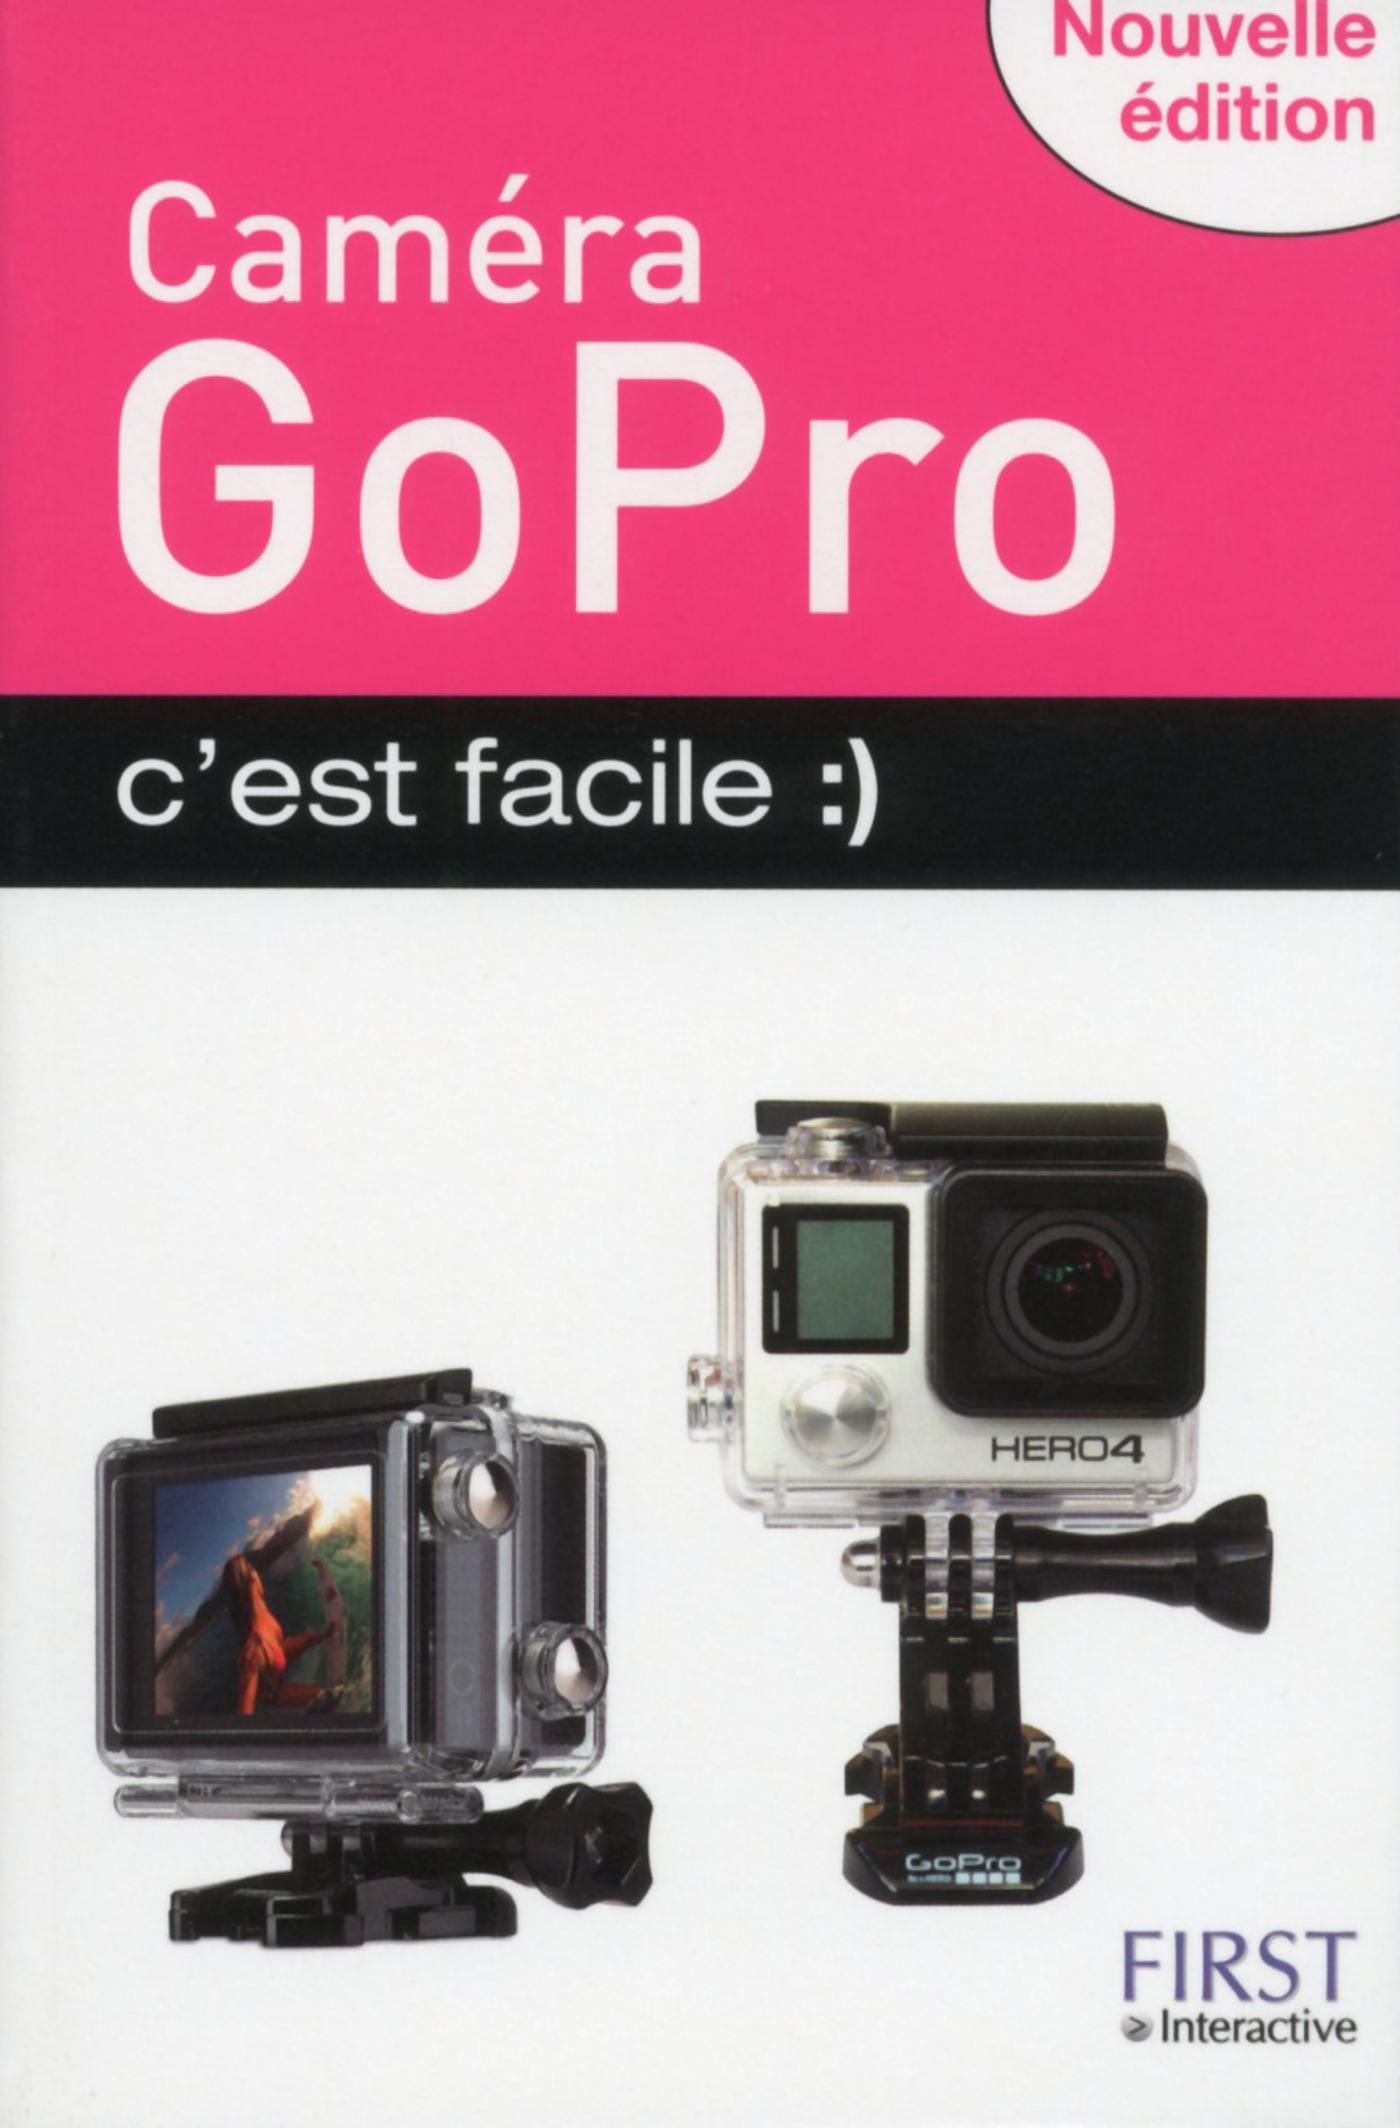 Caméra GoPro c'est facile, nouvelle édition (ebook)